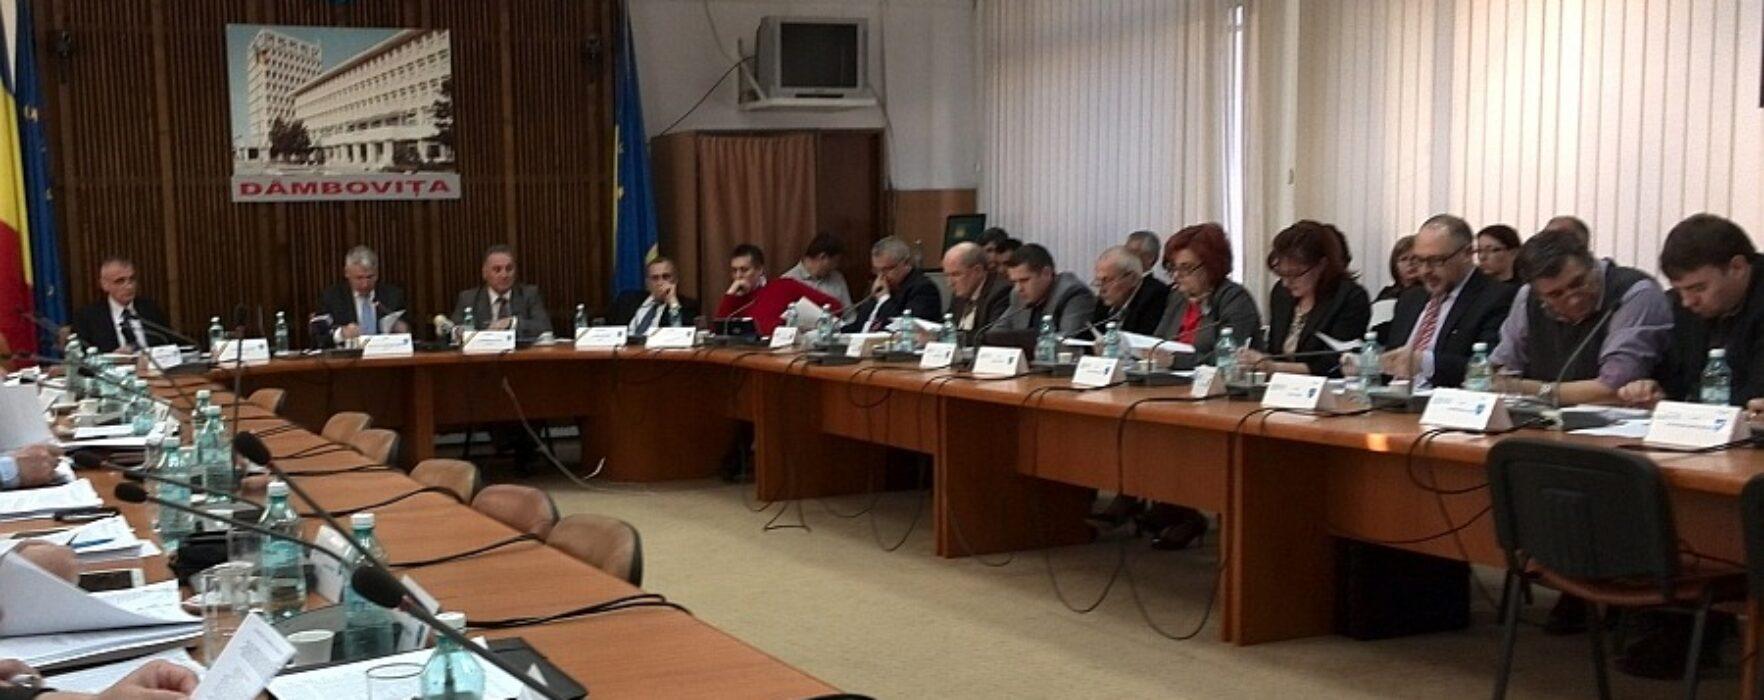 Dâmboviţa: Şapte consilieri judeţeni au renunţat la partidul din partea căruia au candidat